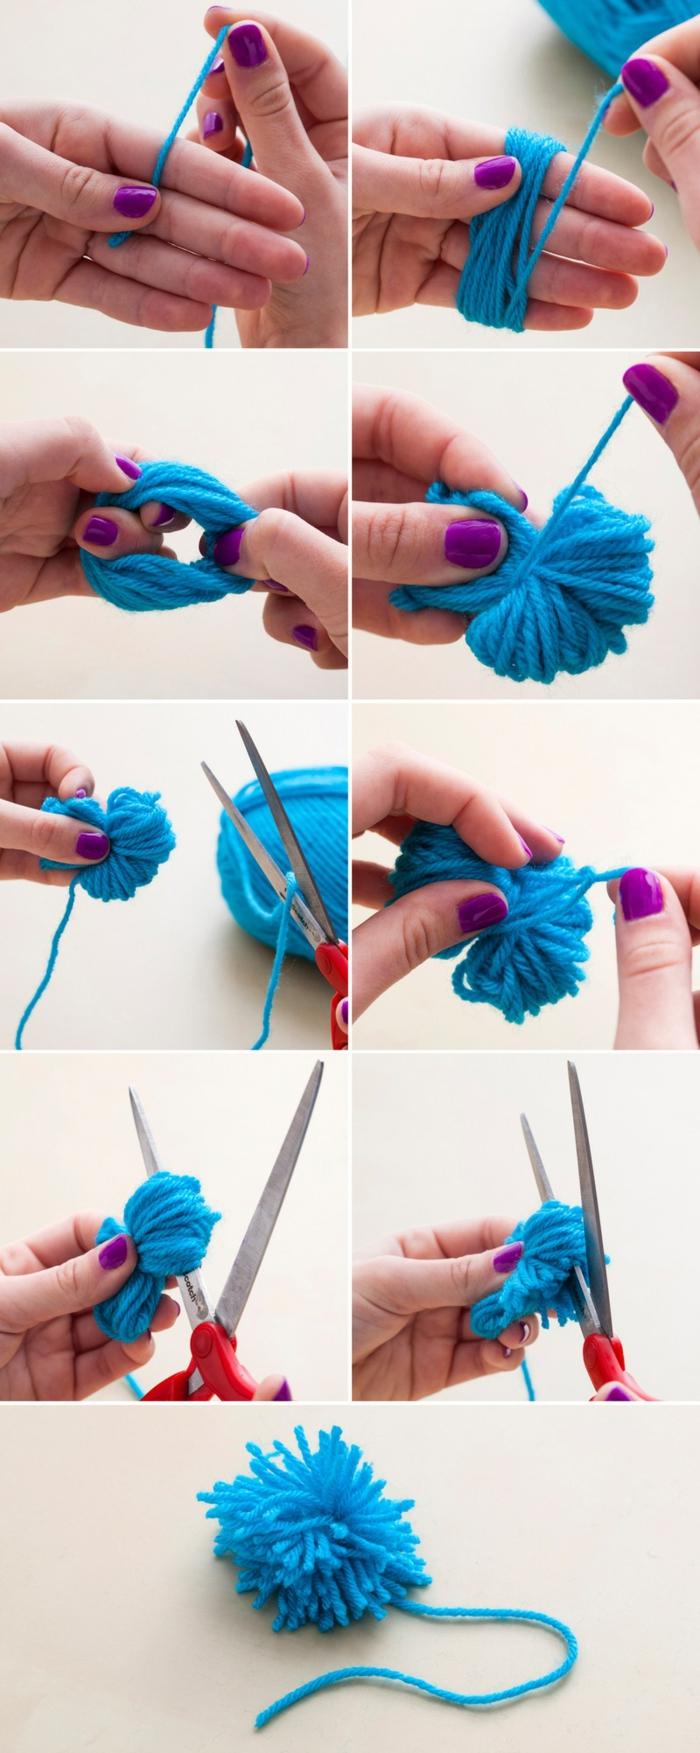 passo dopo passo come realizzare i pon pon in modo semplice per fai da te oggetti creativi